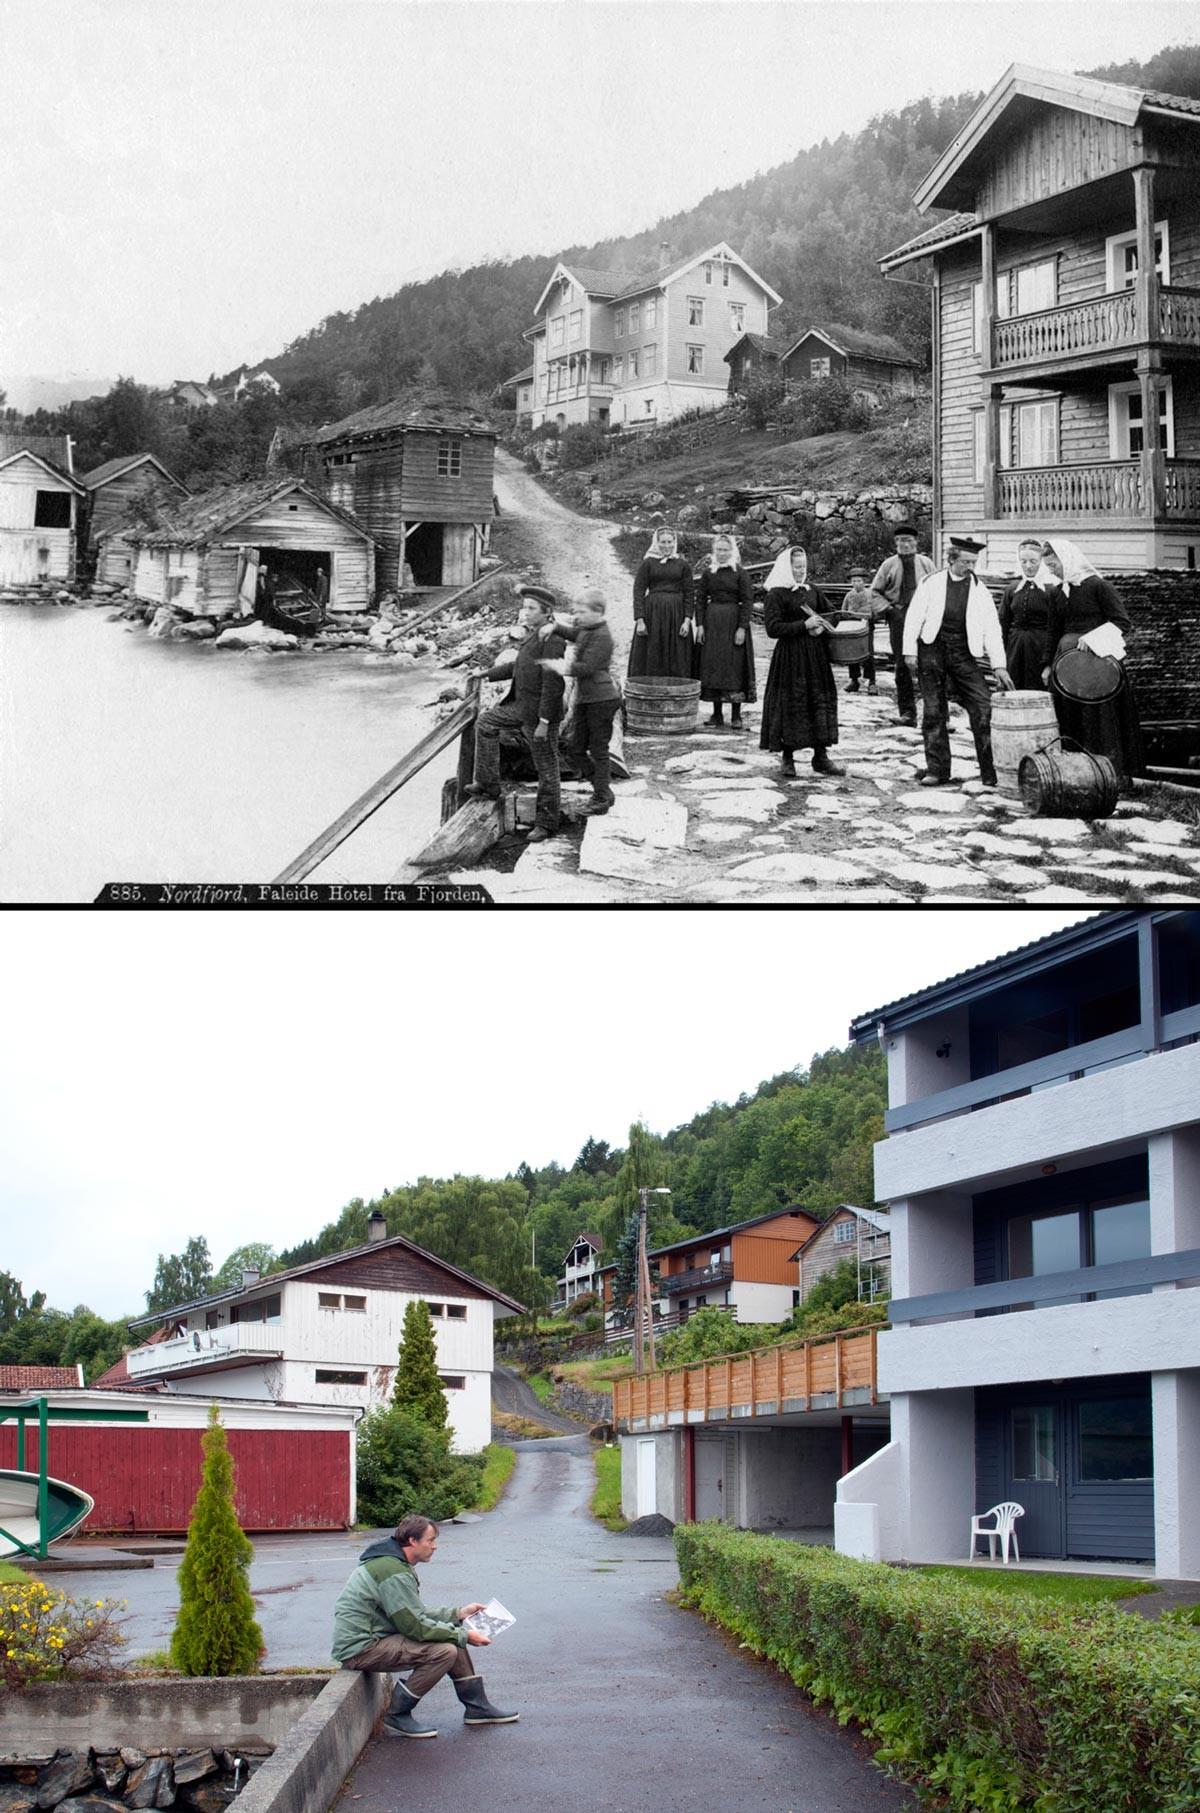 Noruega antes e após o petróleo: a transformação do país em imagens 09